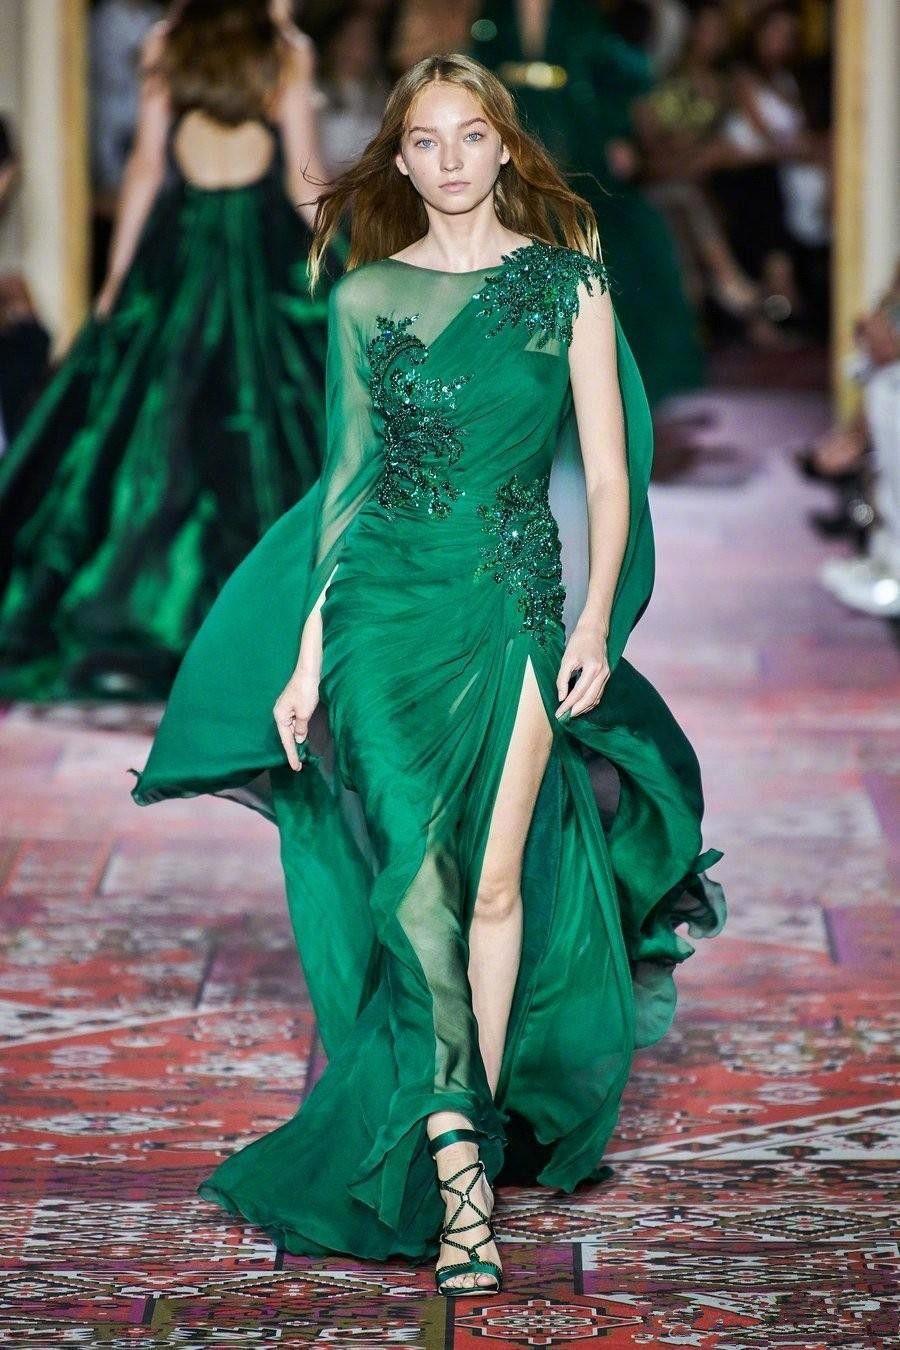 Zuhair Murad en mousseline de soie longues robes de soirée 2020 haut côté vert foncé Slit Pageant Party robes de soirée Robes de bal BC2738